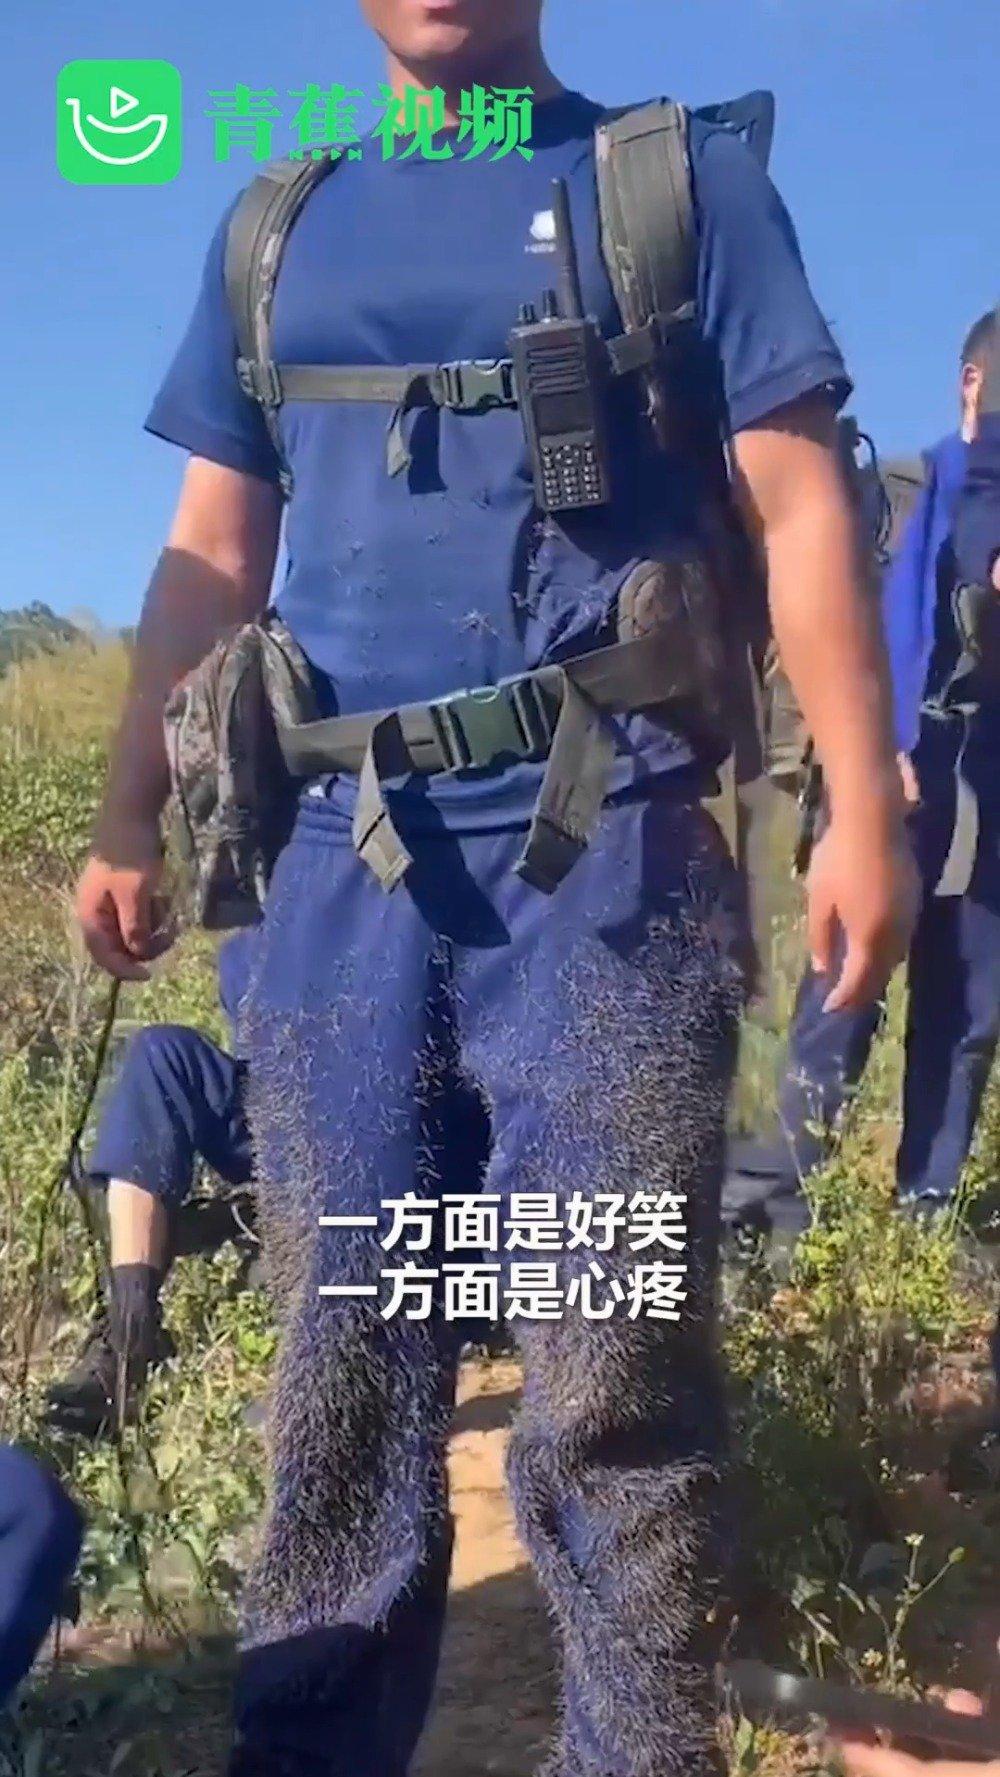 心疼又好笑!凉山消防员野外训练时 衣裤扎满草刺像穿着毛裤